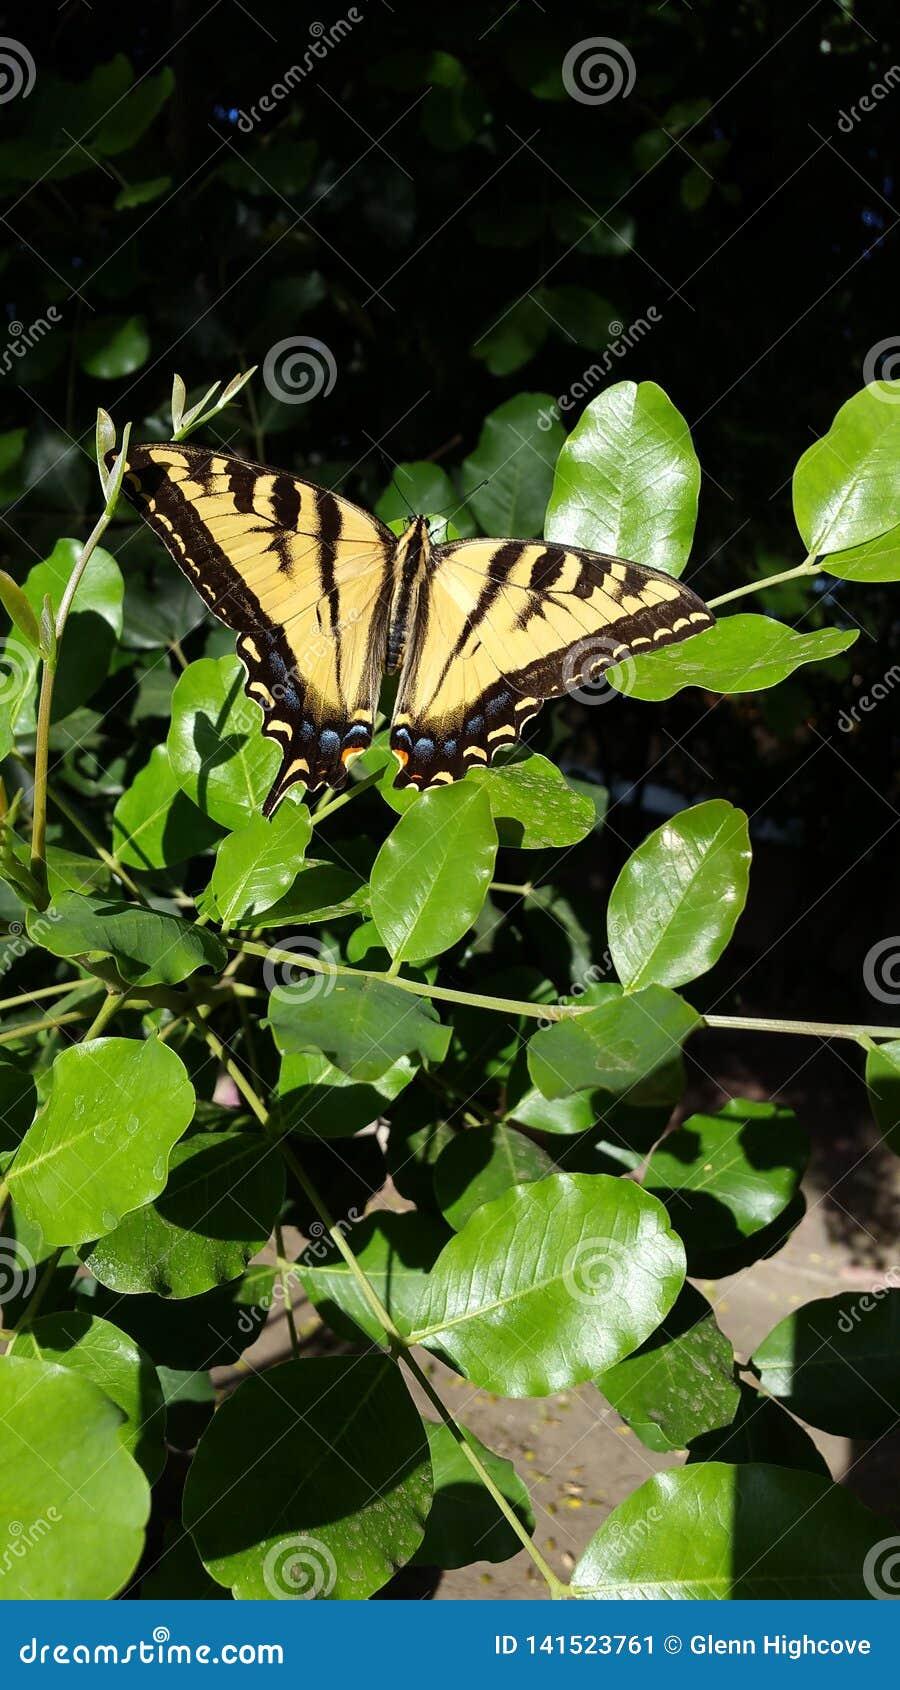 Tiger Swallowtail Butterfly gigante en la alta resolución verde de las hojas